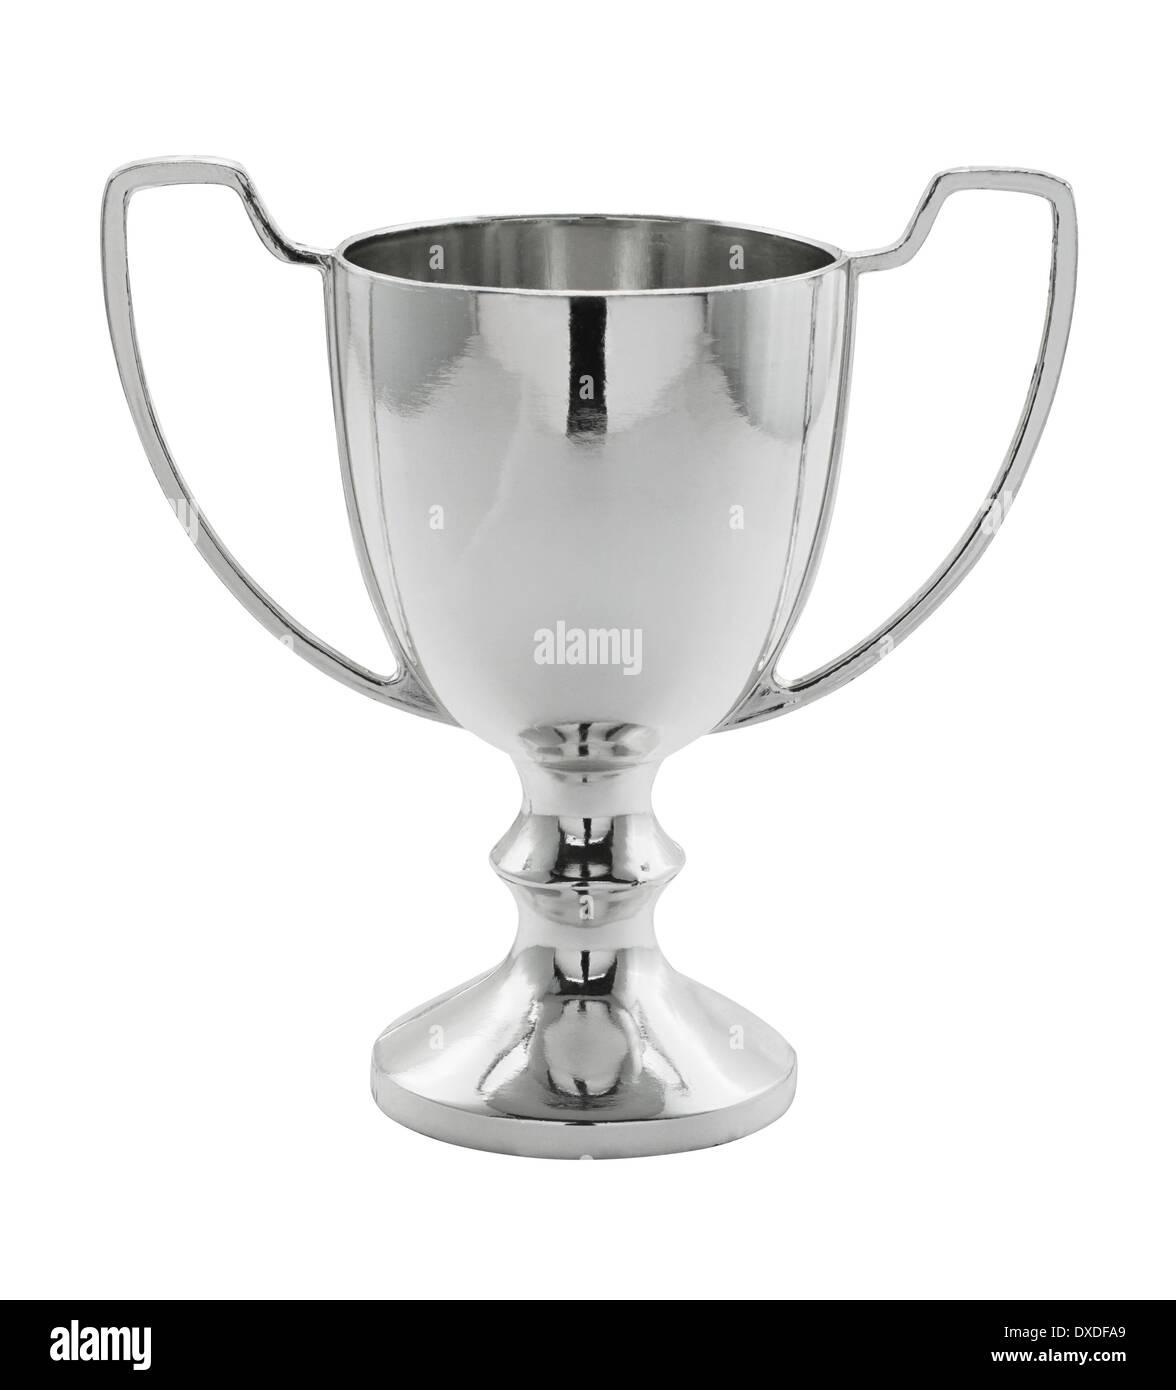 Argento trofeo vincente isolato grande concetto per la realizzazione, il successo o il primo posto in una competizione. Immagini Stock